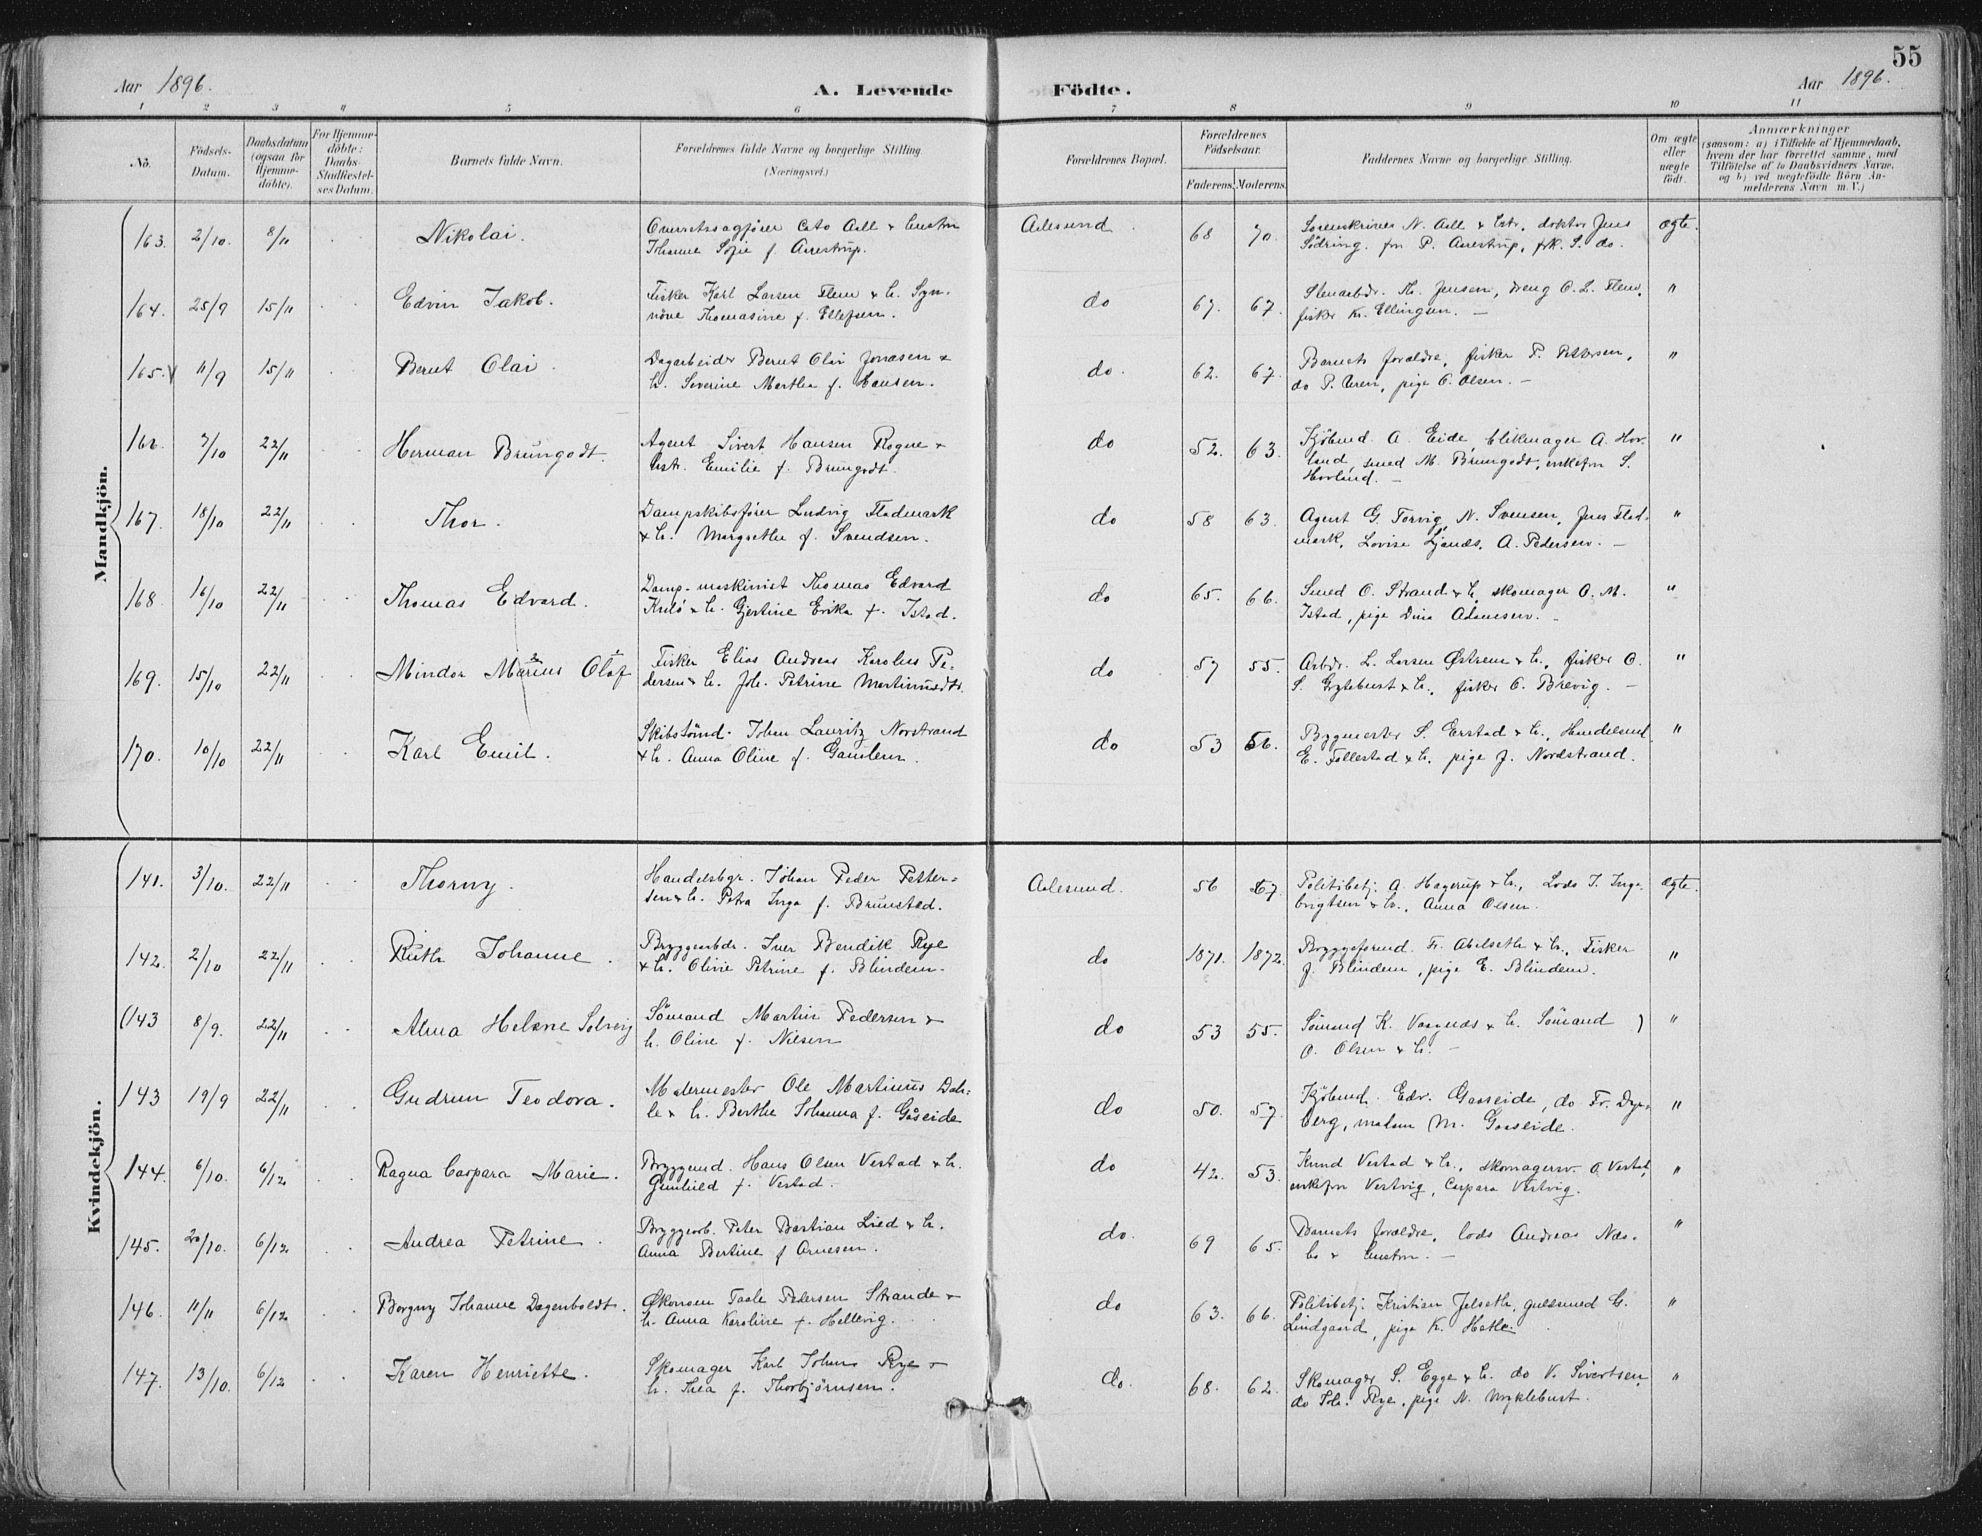 SAT, Ministerialprotokoller, klokkerbøker og fødselsregistre - Møre og Romsdal, 529/L0456: Ministerialbok nr. 529A06, 1894-1906, s. 55